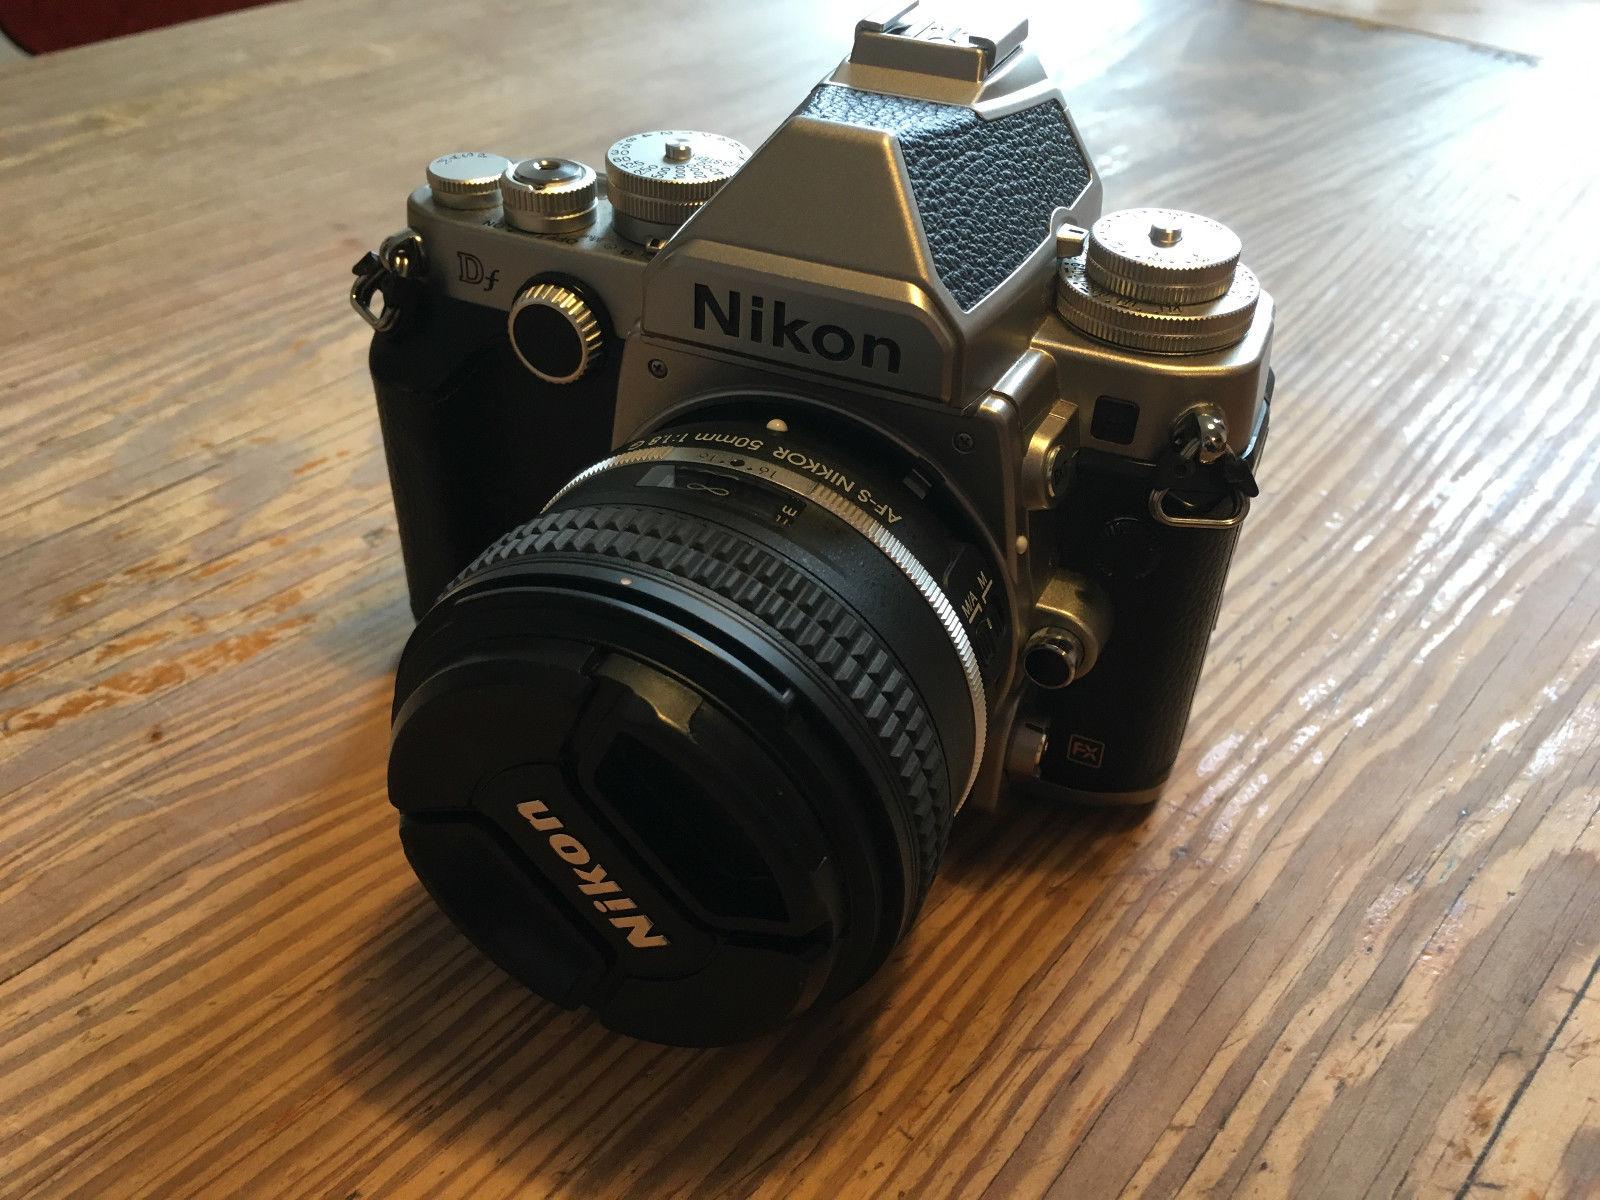 Nikon Df - Silber (Kit mit AF-S 50mm 1.8 Objektiv) - 17000 Auslösungen - wie neu